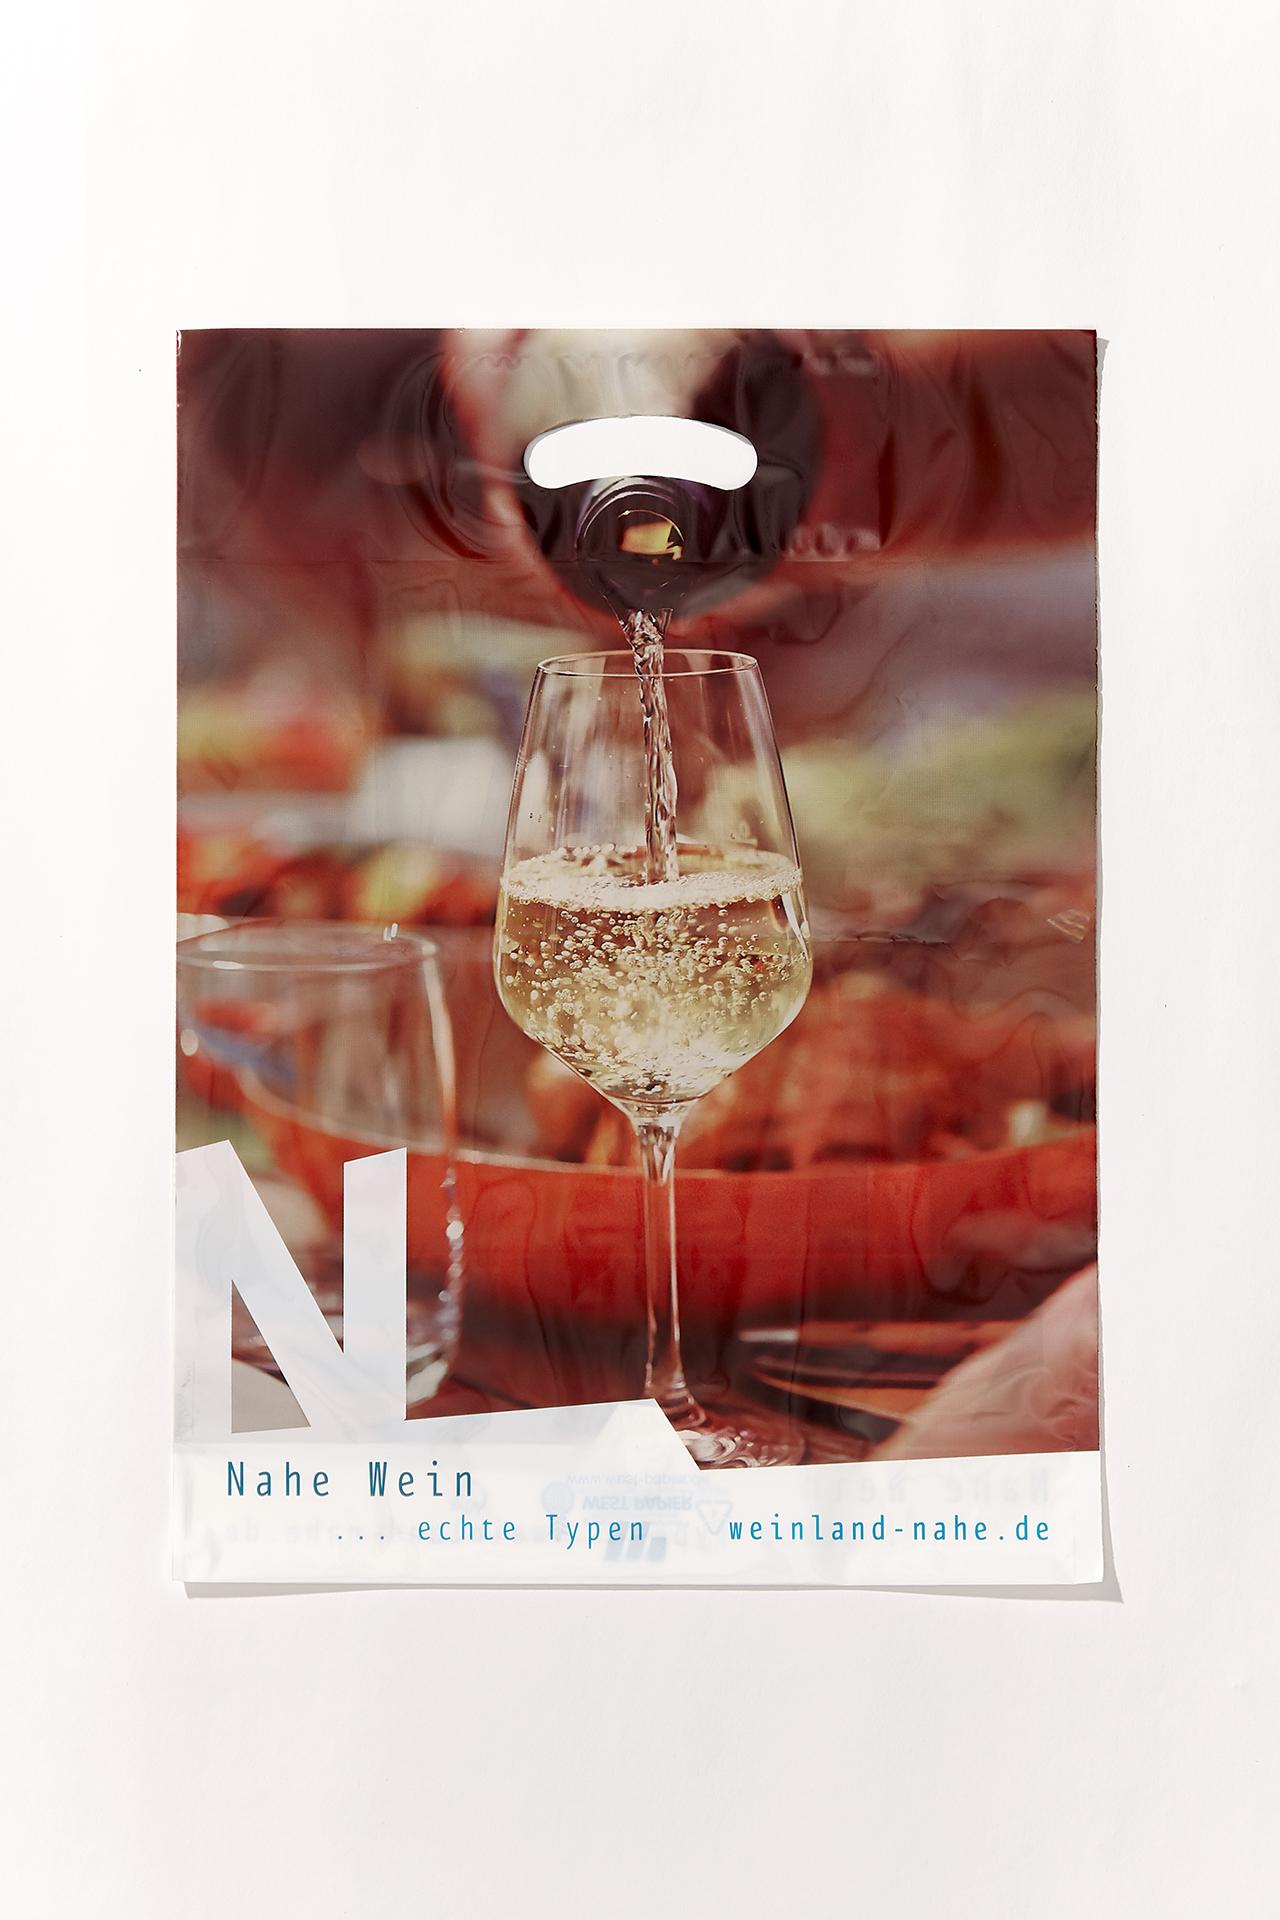 PE-Tragetasche Nahe Wein...echte Typen